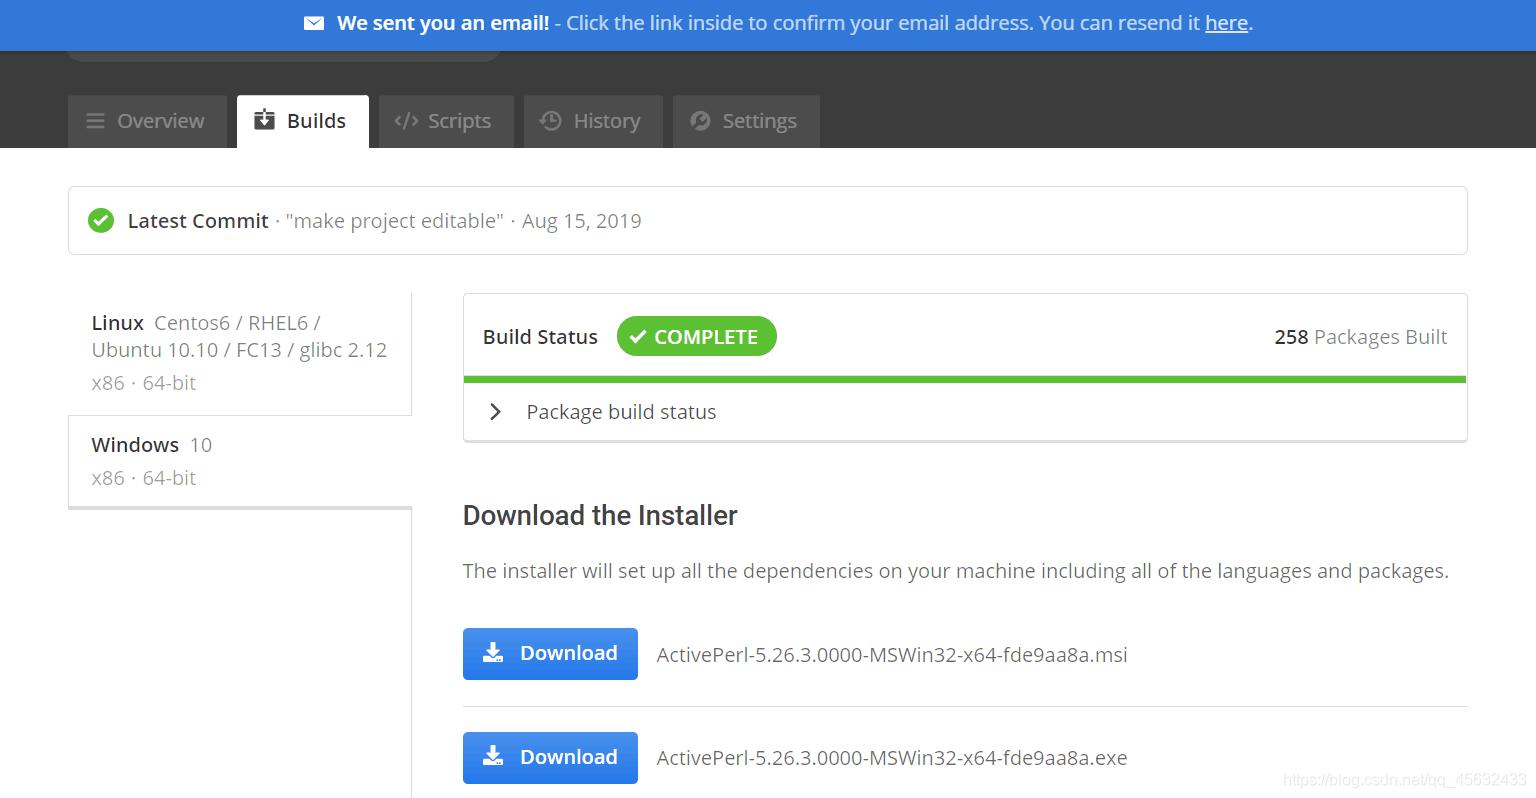 根据系统以及位数下载安装文件